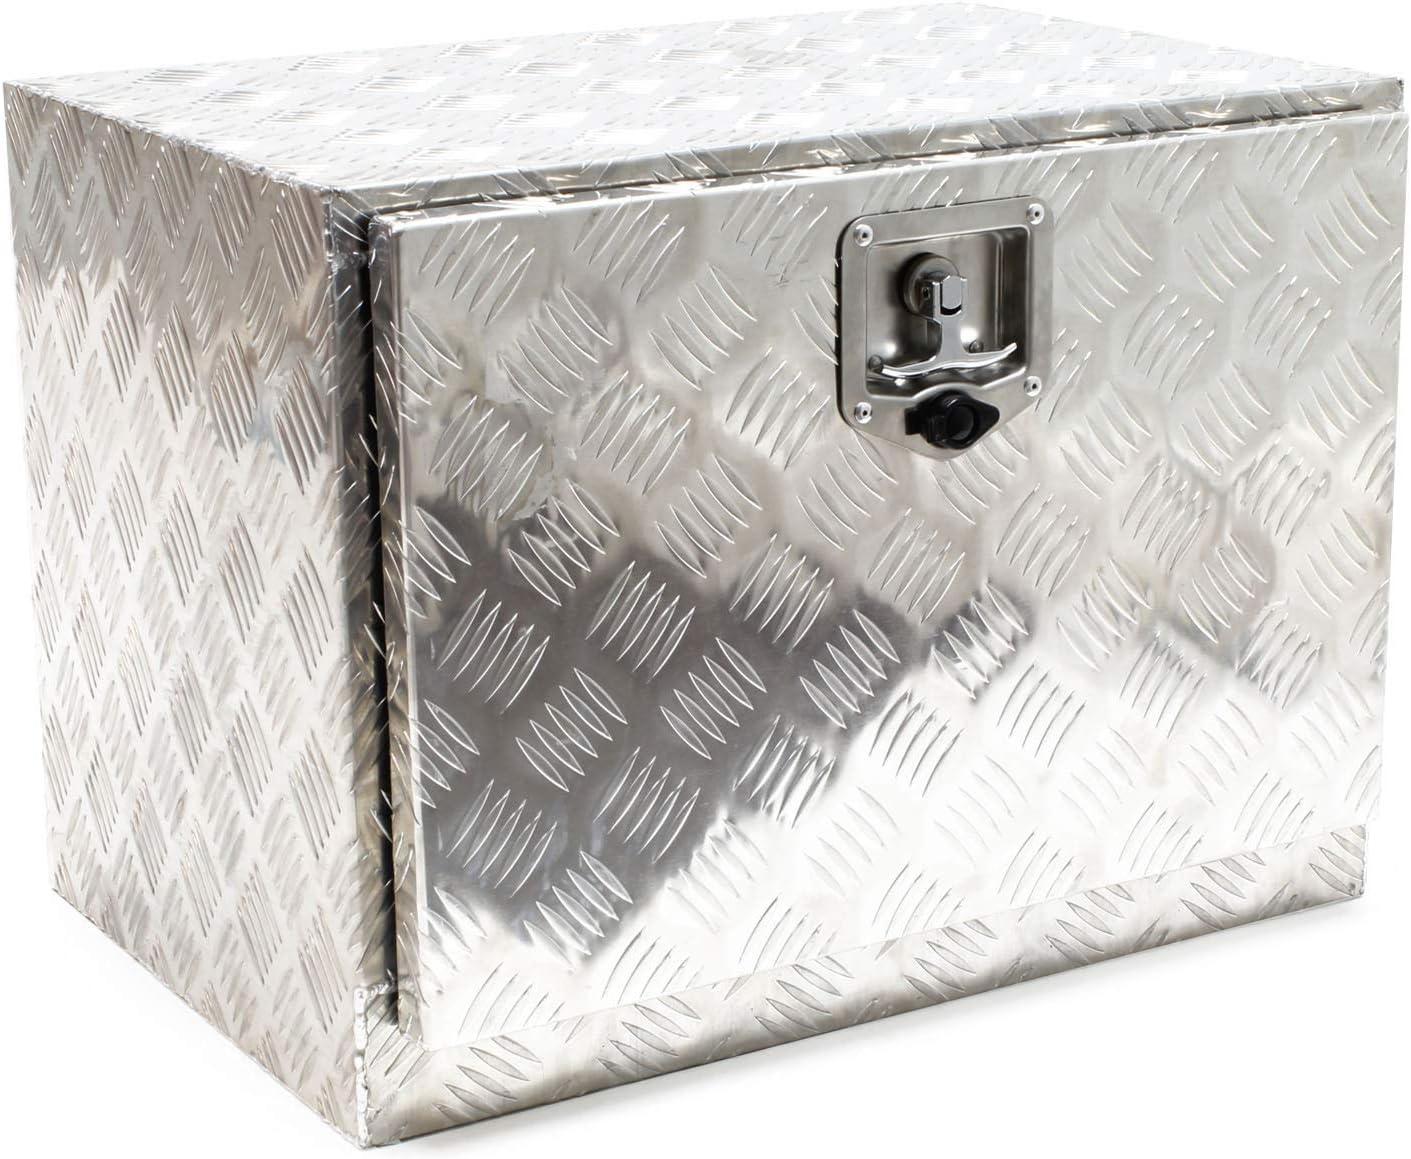 Cofre aluminio remolque vehículo Caja almacenaje enganche coche Caja herramientas Accesorios coche: Amazon.es: Bricolaje y herramientas